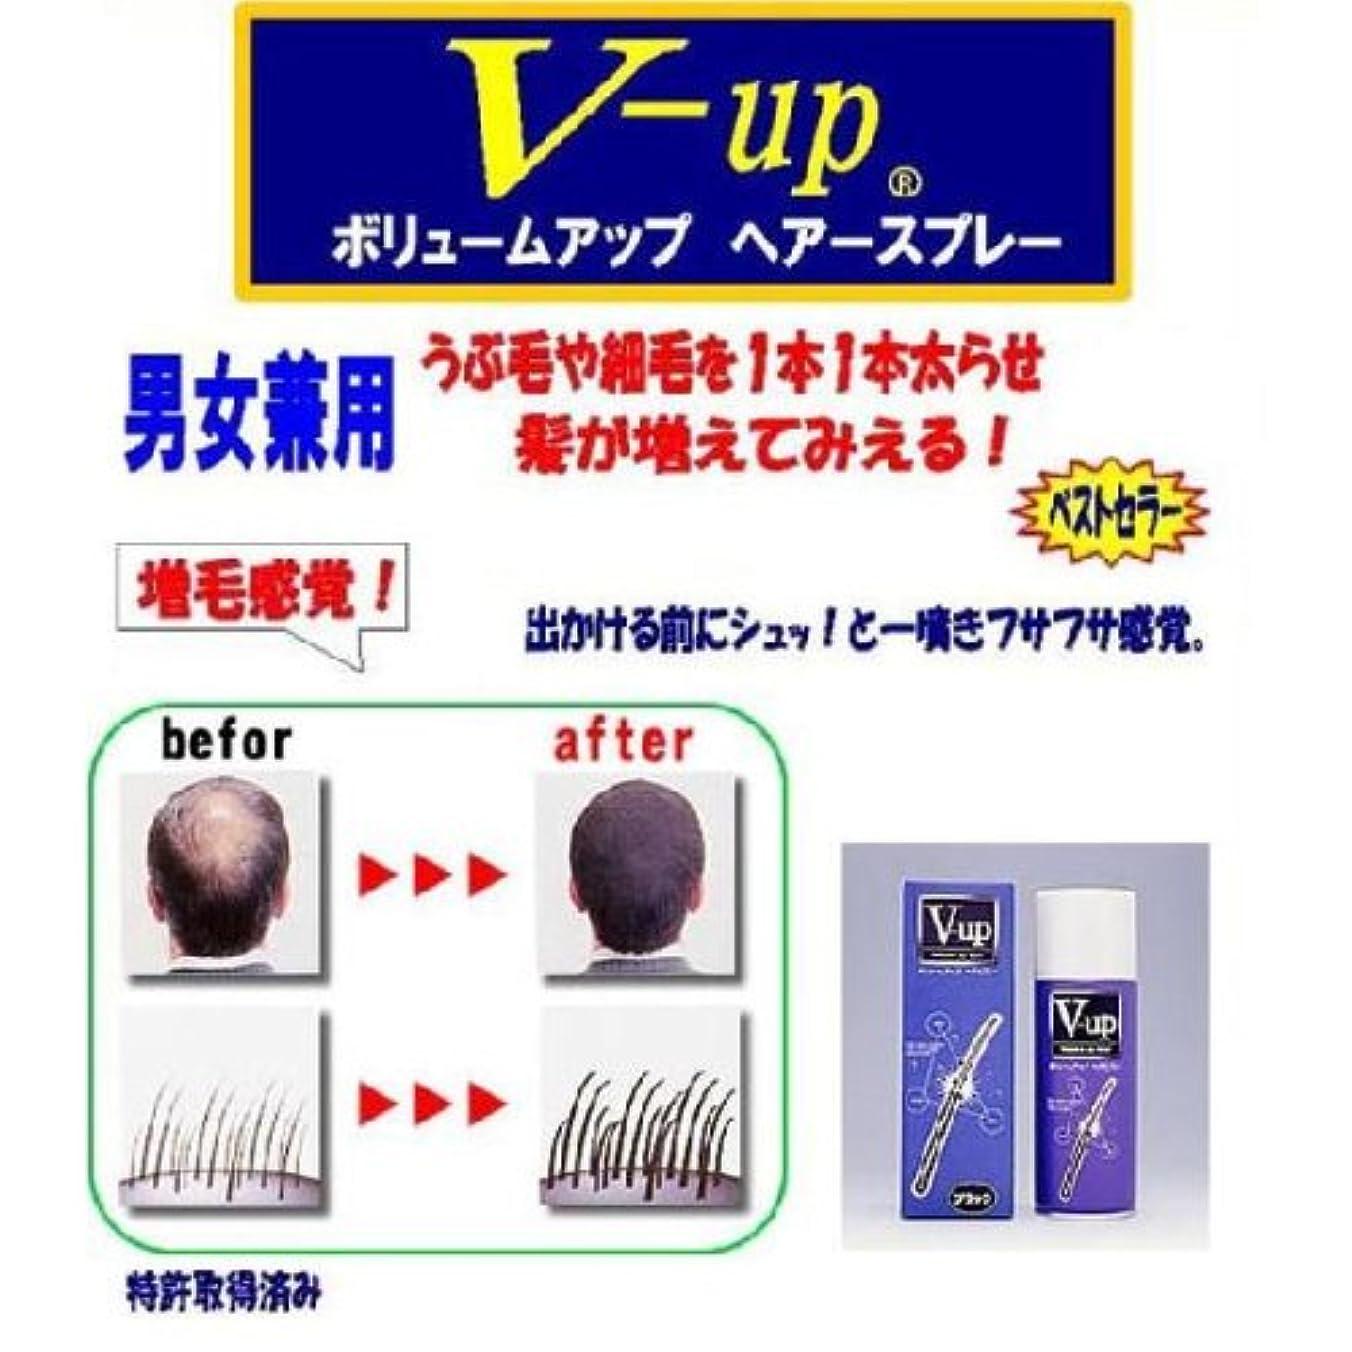 マージ反動メモV-アップヘアスプレー200g【カラー:ダークブラウン】